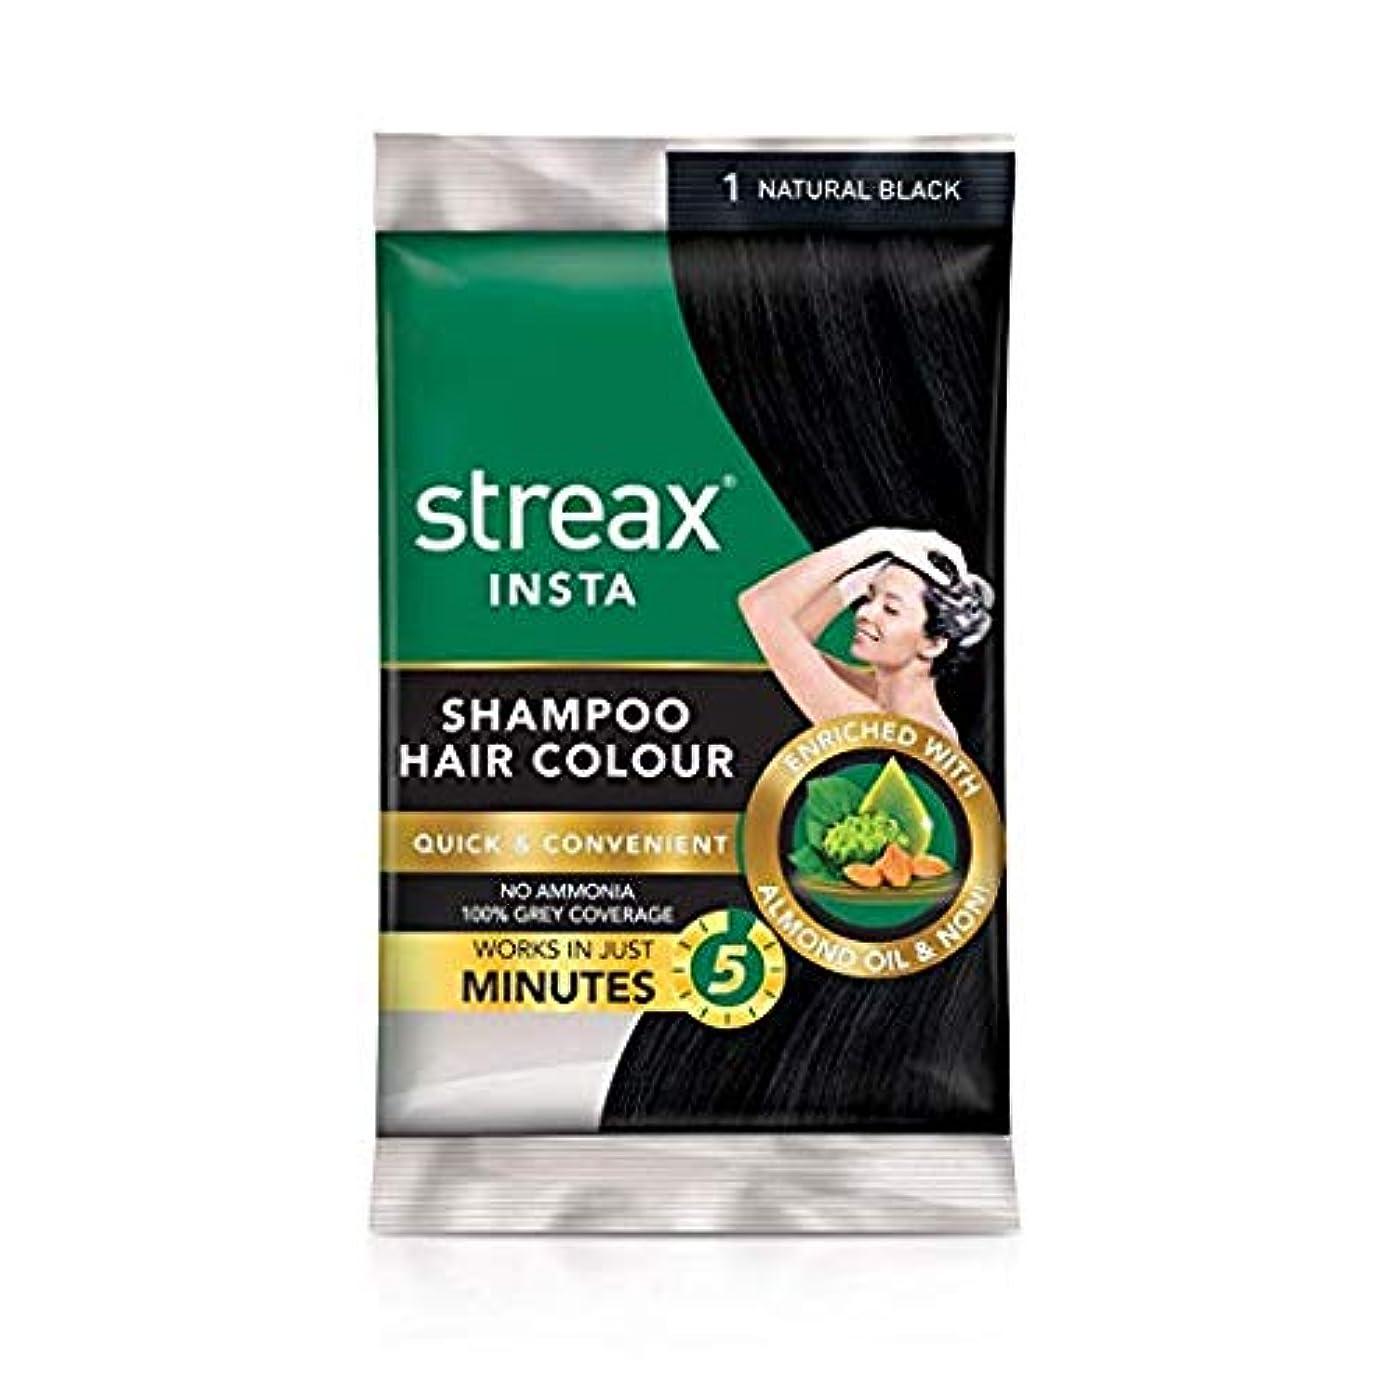 収縮繰り返し建築Omg-deal Pack of 10 Streax Shampoo Hair Colour Natural Black